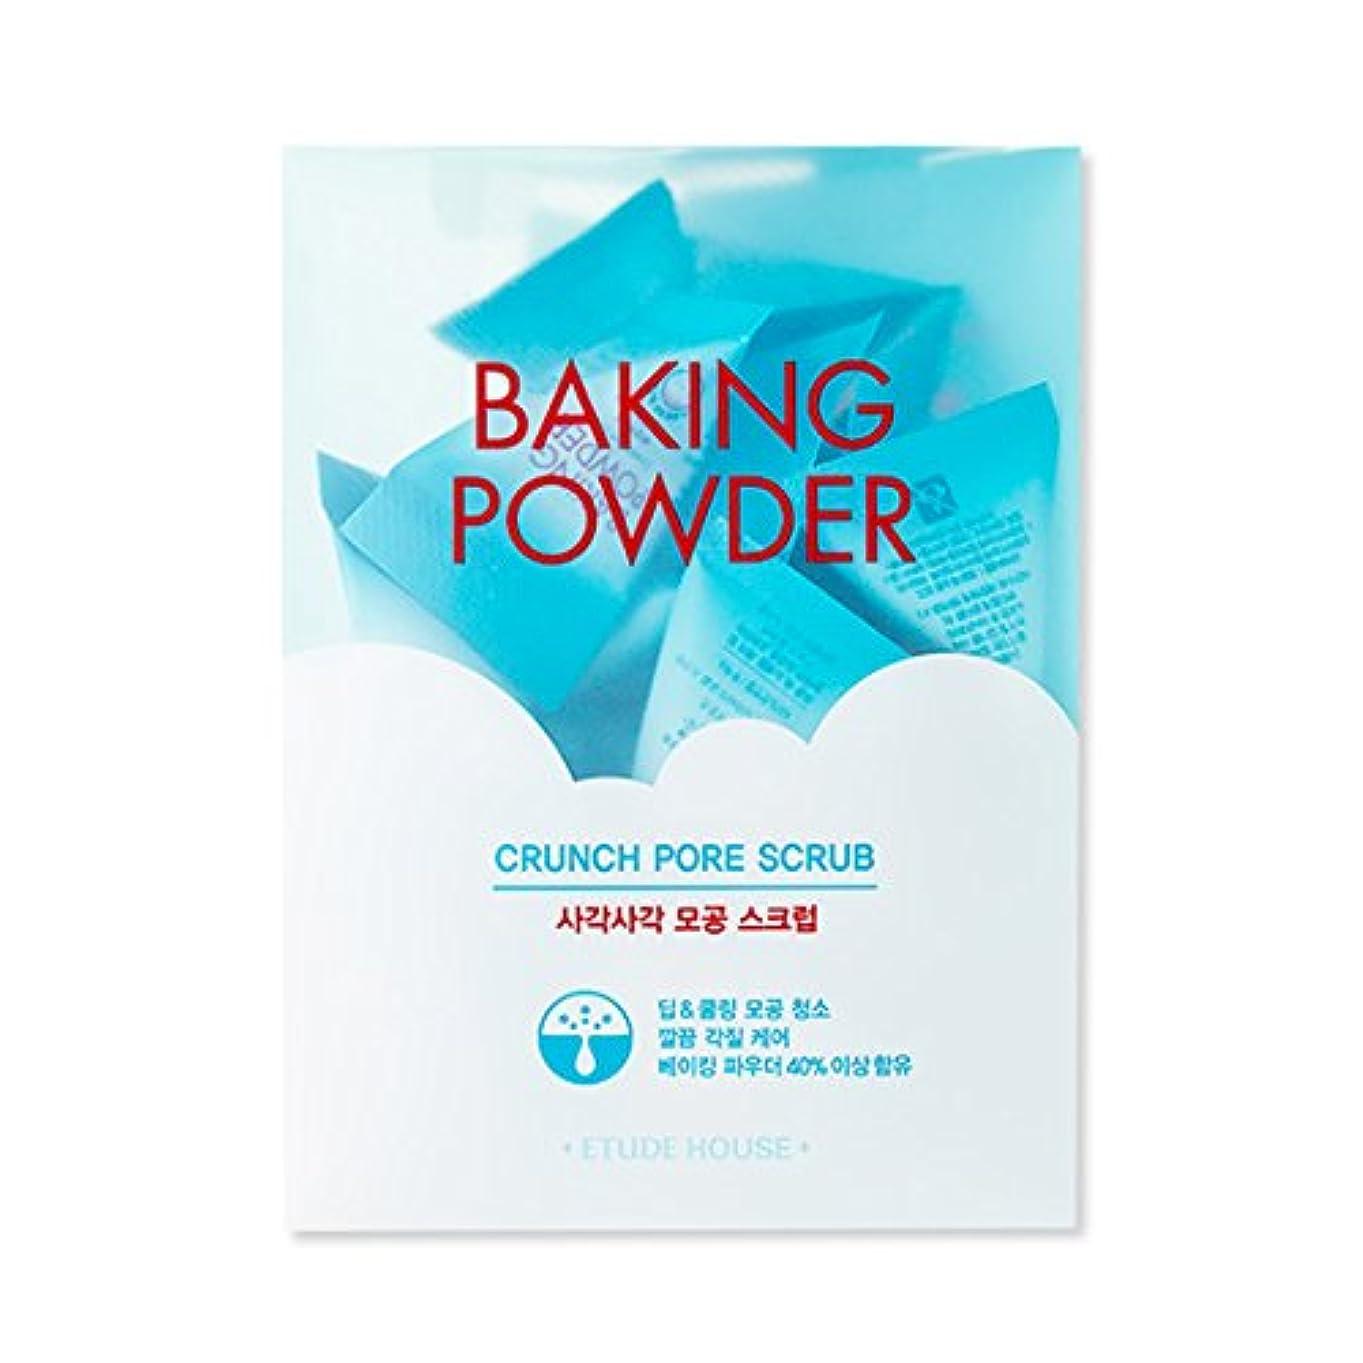 クラシカルスカート原油[2016 Upgrade!] ETUDE HOUSE Baking Powder Crunch Pore Scrub 7g×24ea/エチュードハウス ベーキング パウダー クランチ ポア スクラブ 7g×24ea [...